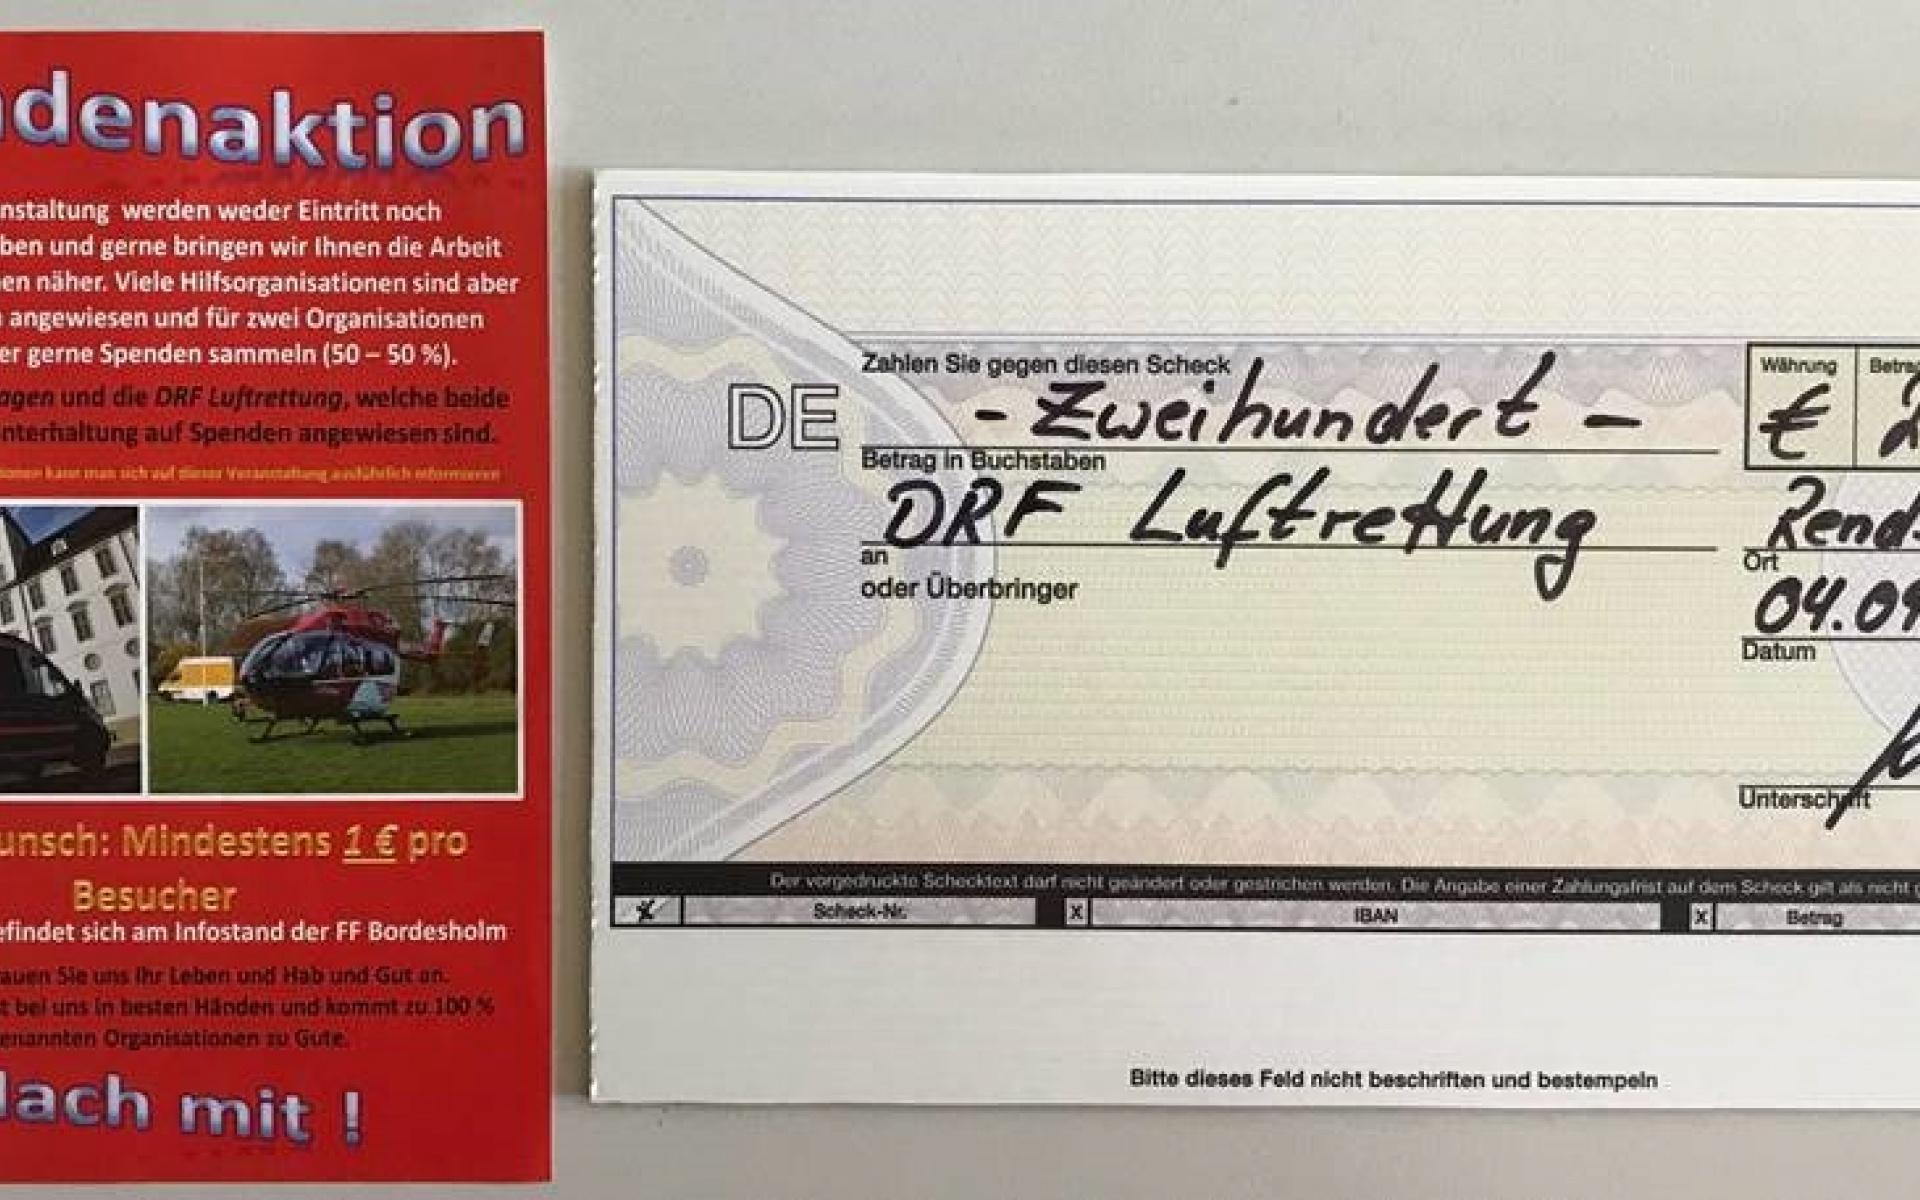 Beim Helfertag wurden Spenden für zwei Hilfsorganisationen gesammelt. Die DRF Luftrettung erhielt zweihundert Euro.